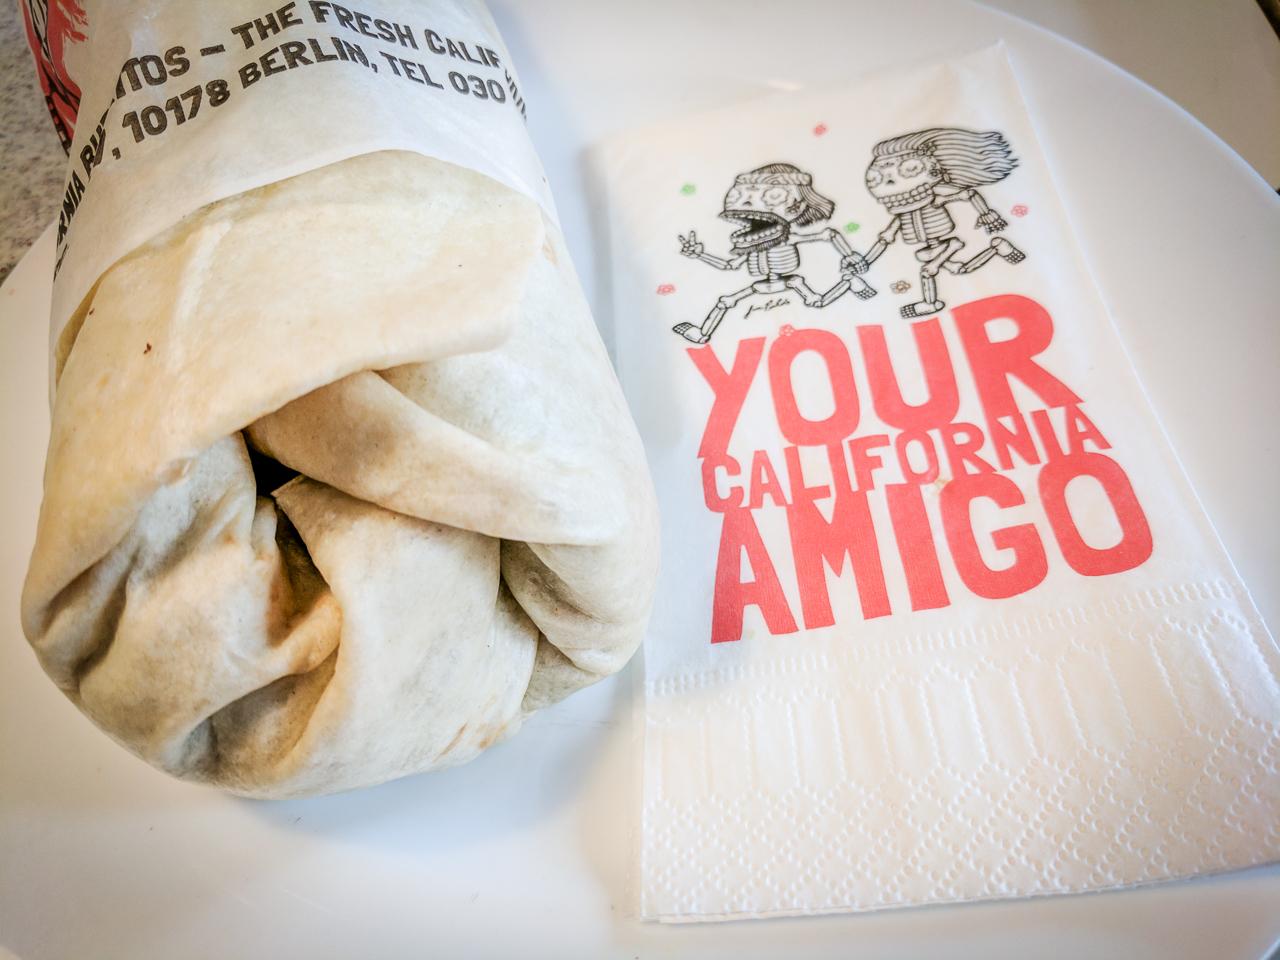 Cheap Eats in Berlin - Delores Burrito